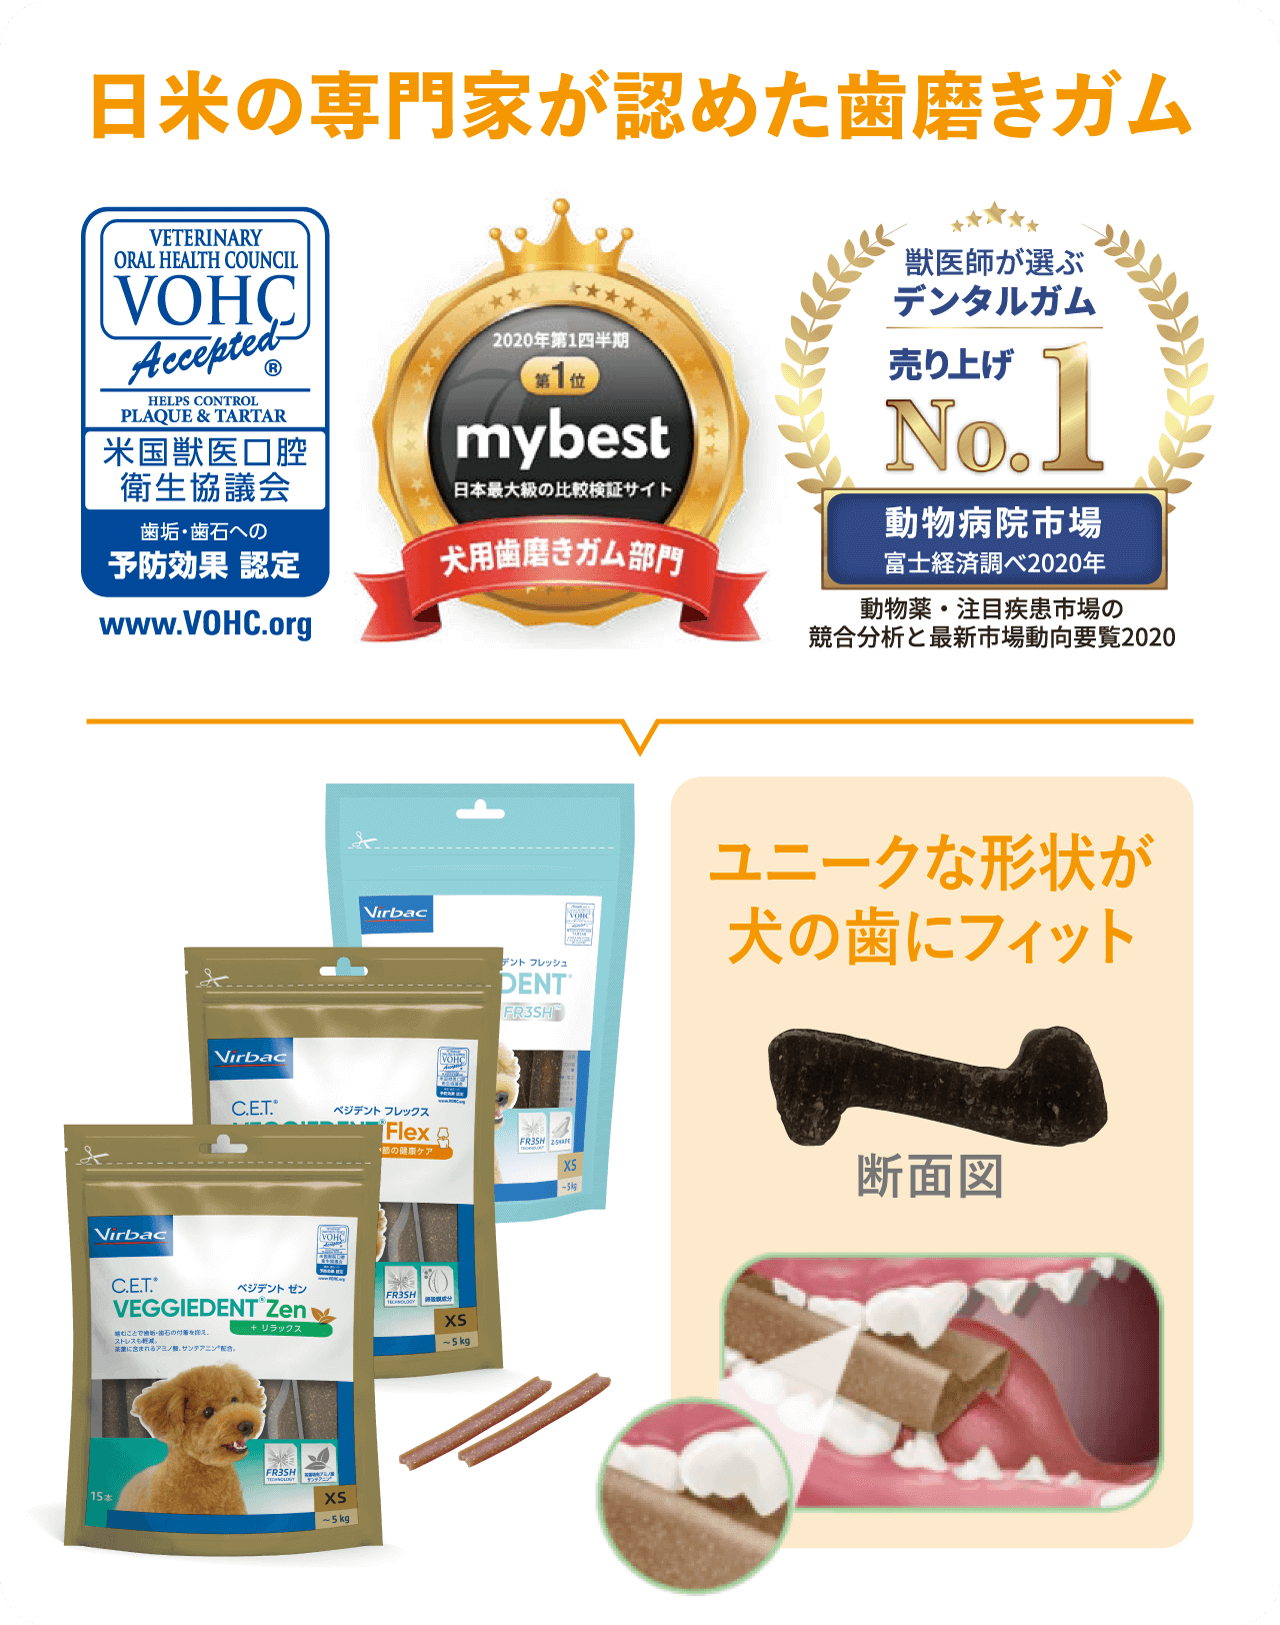 日米の専門家が認めた歯磨きガム